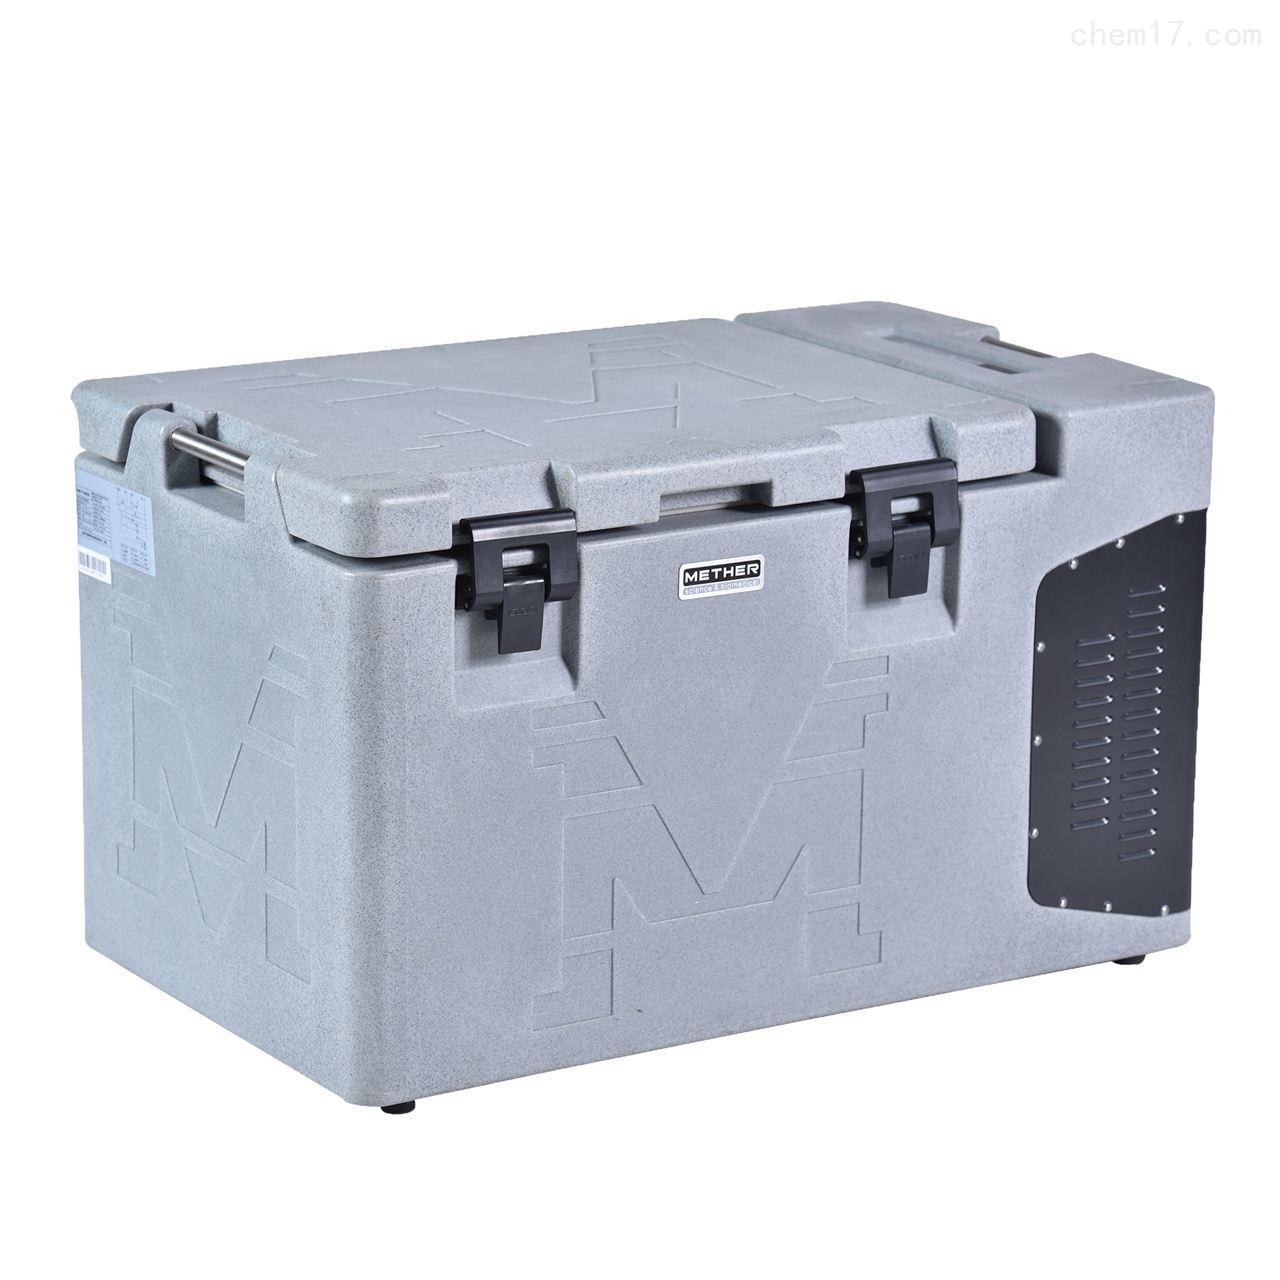 中科都菱 车载冰箱系列 MDF-25H80LC